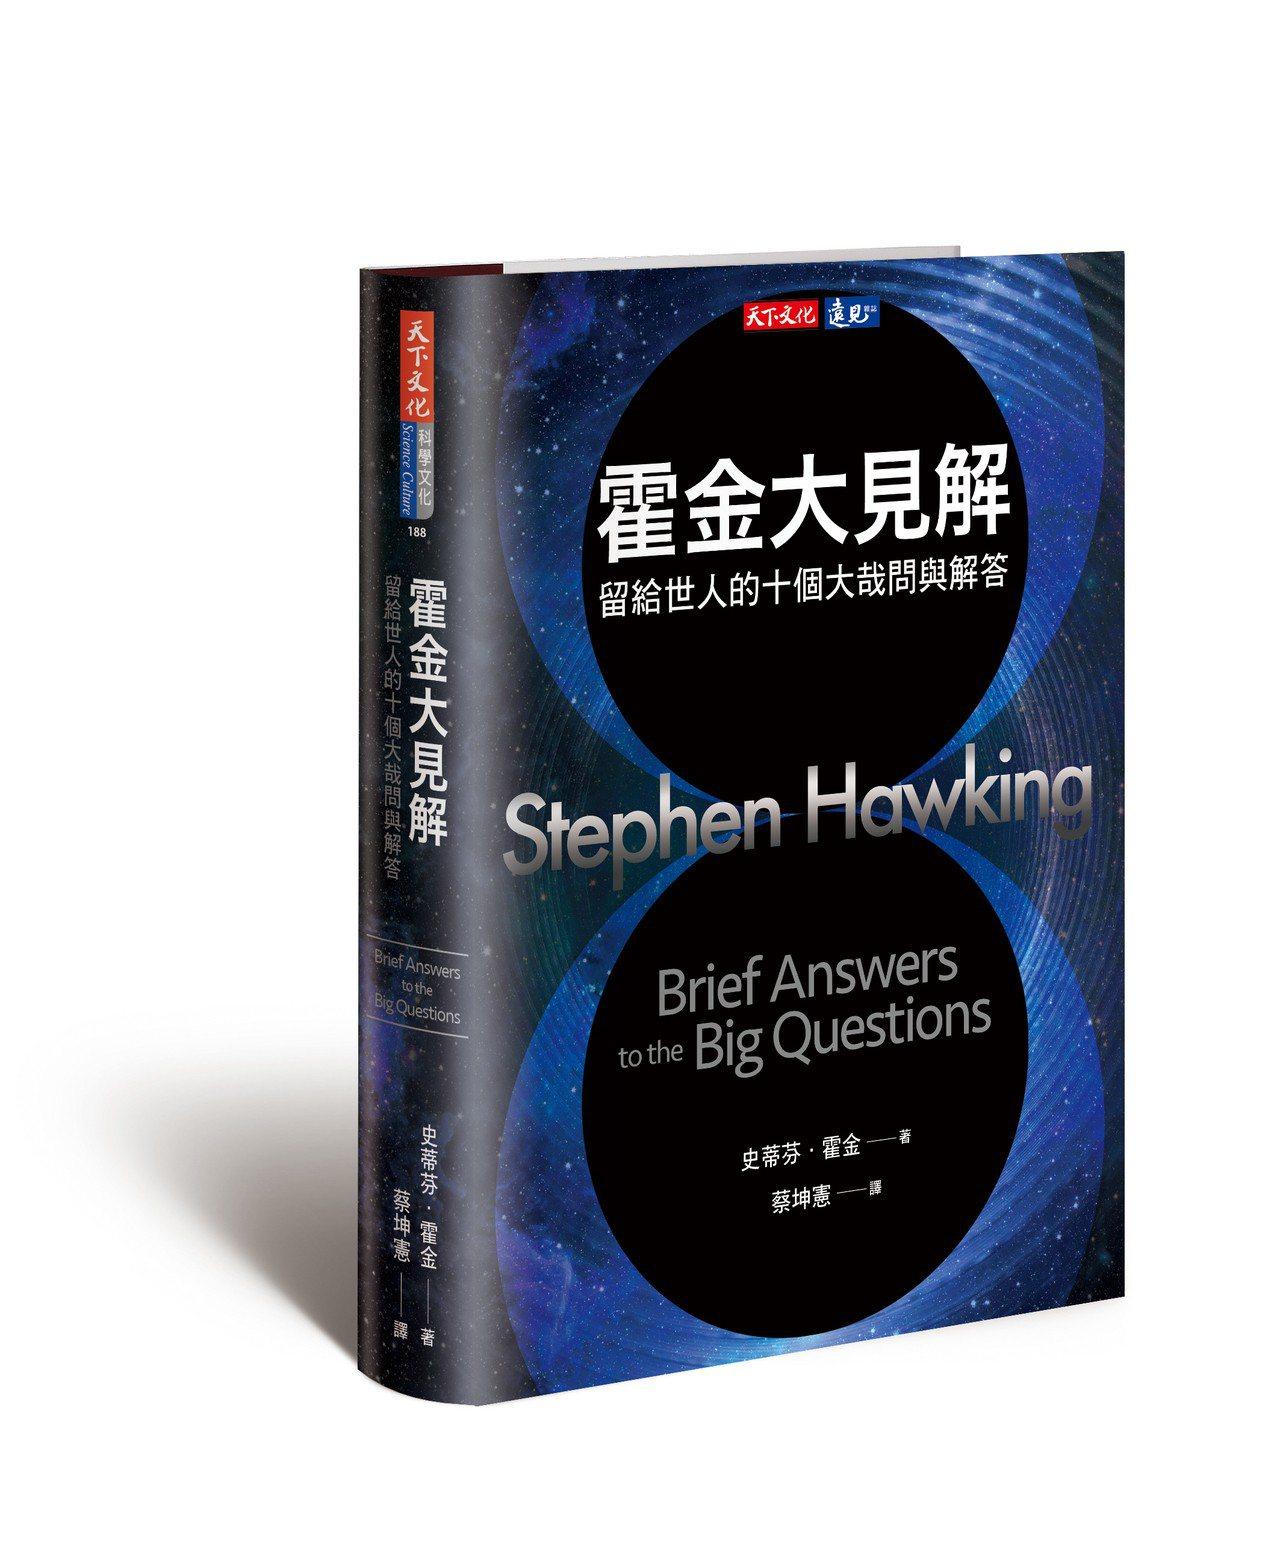 《霍金大見解》立體書。圖/天下文化提供